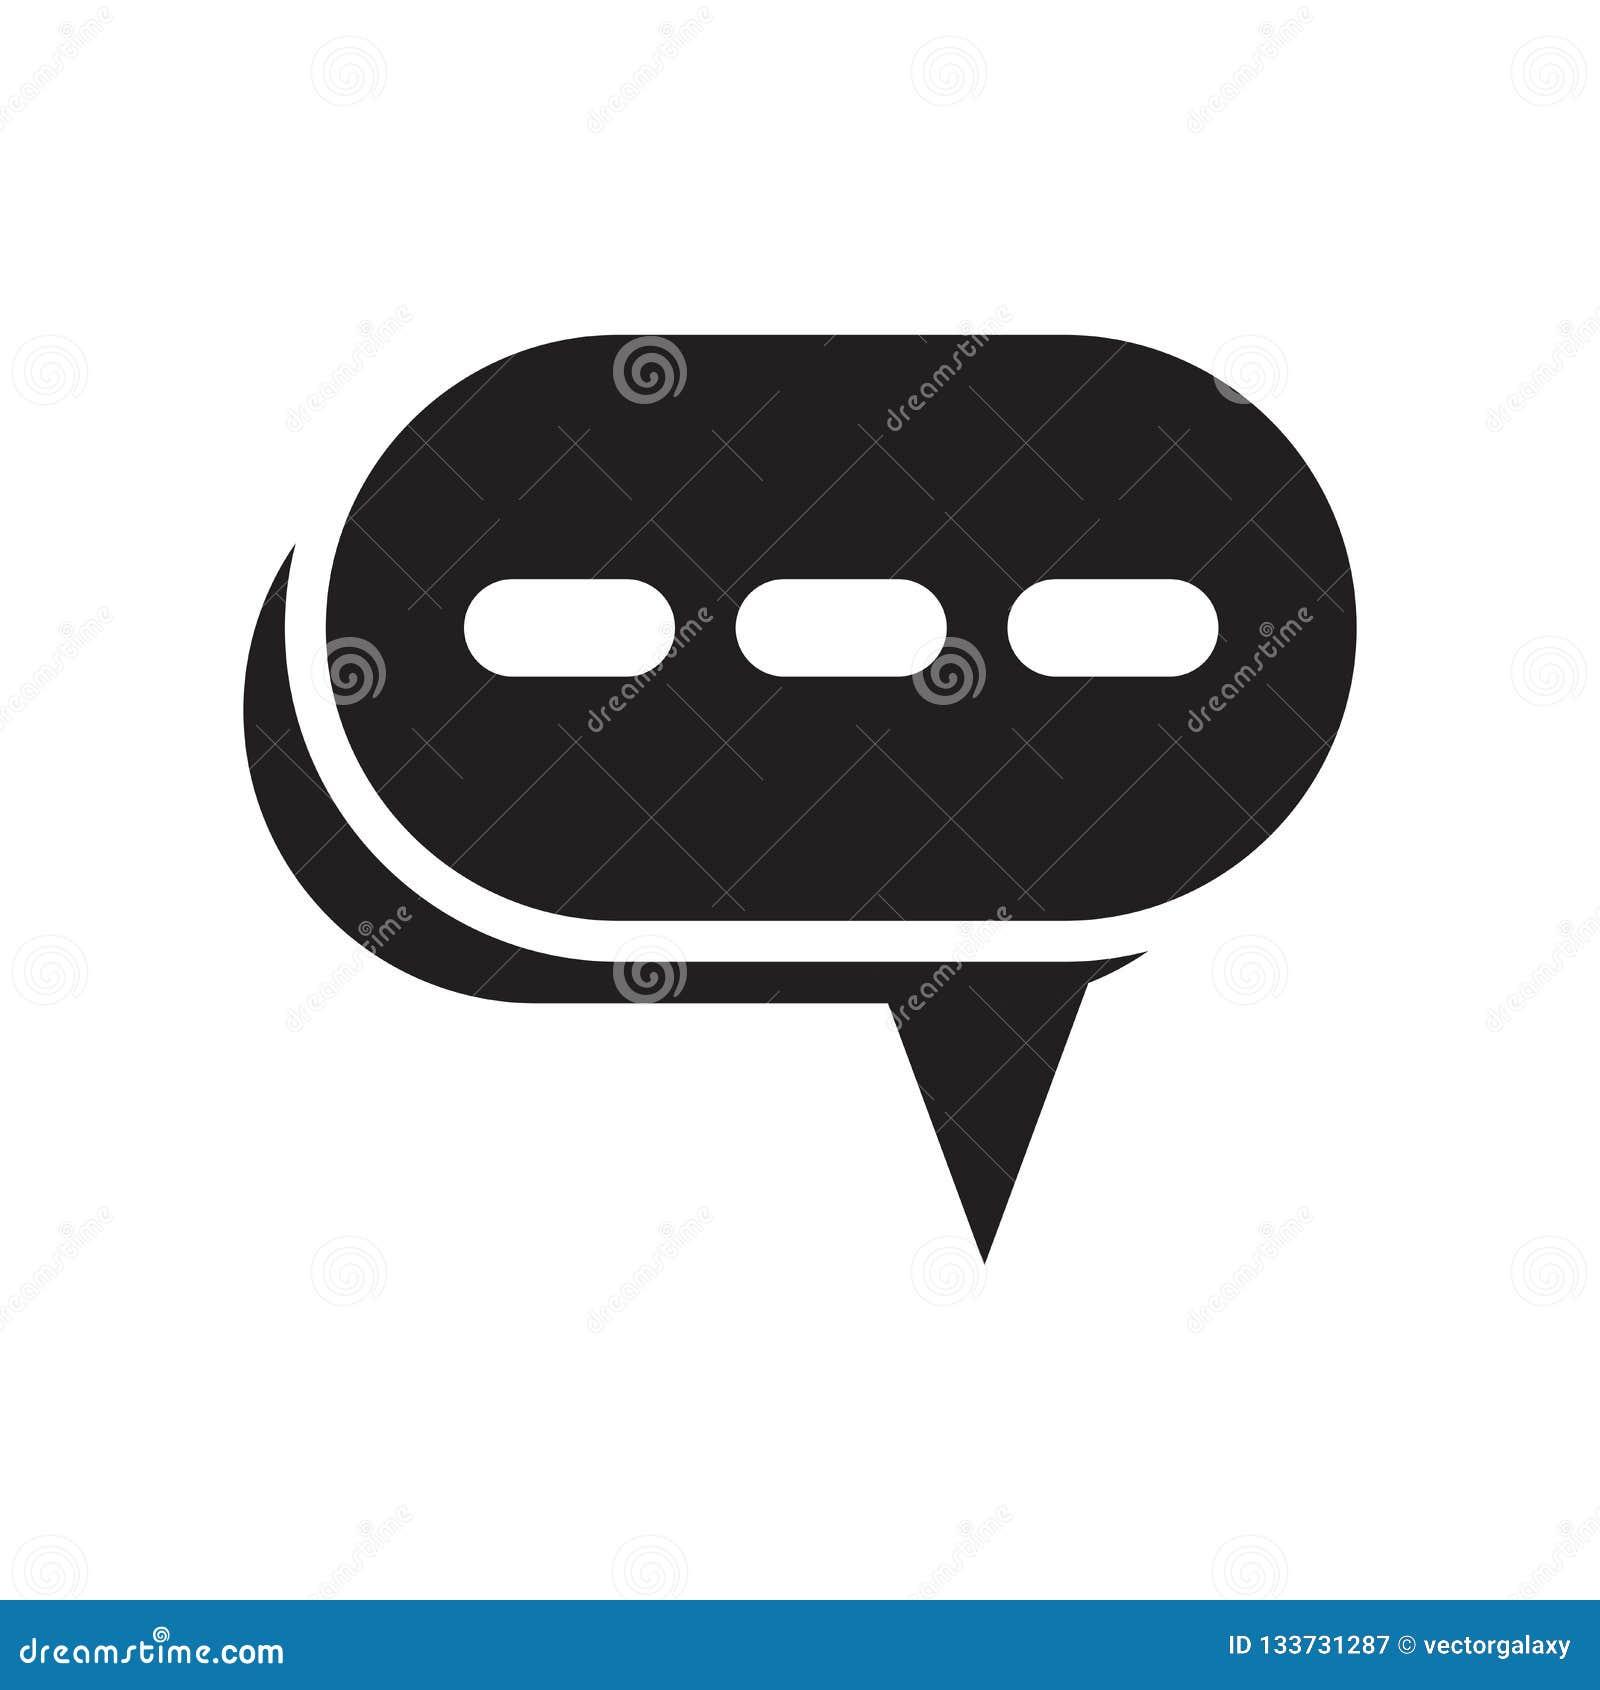 Tala tecknet för bubblasymbolsvektorn, och symbolet som isoleras på vit bakgrund, talar bubblalogobegrepp